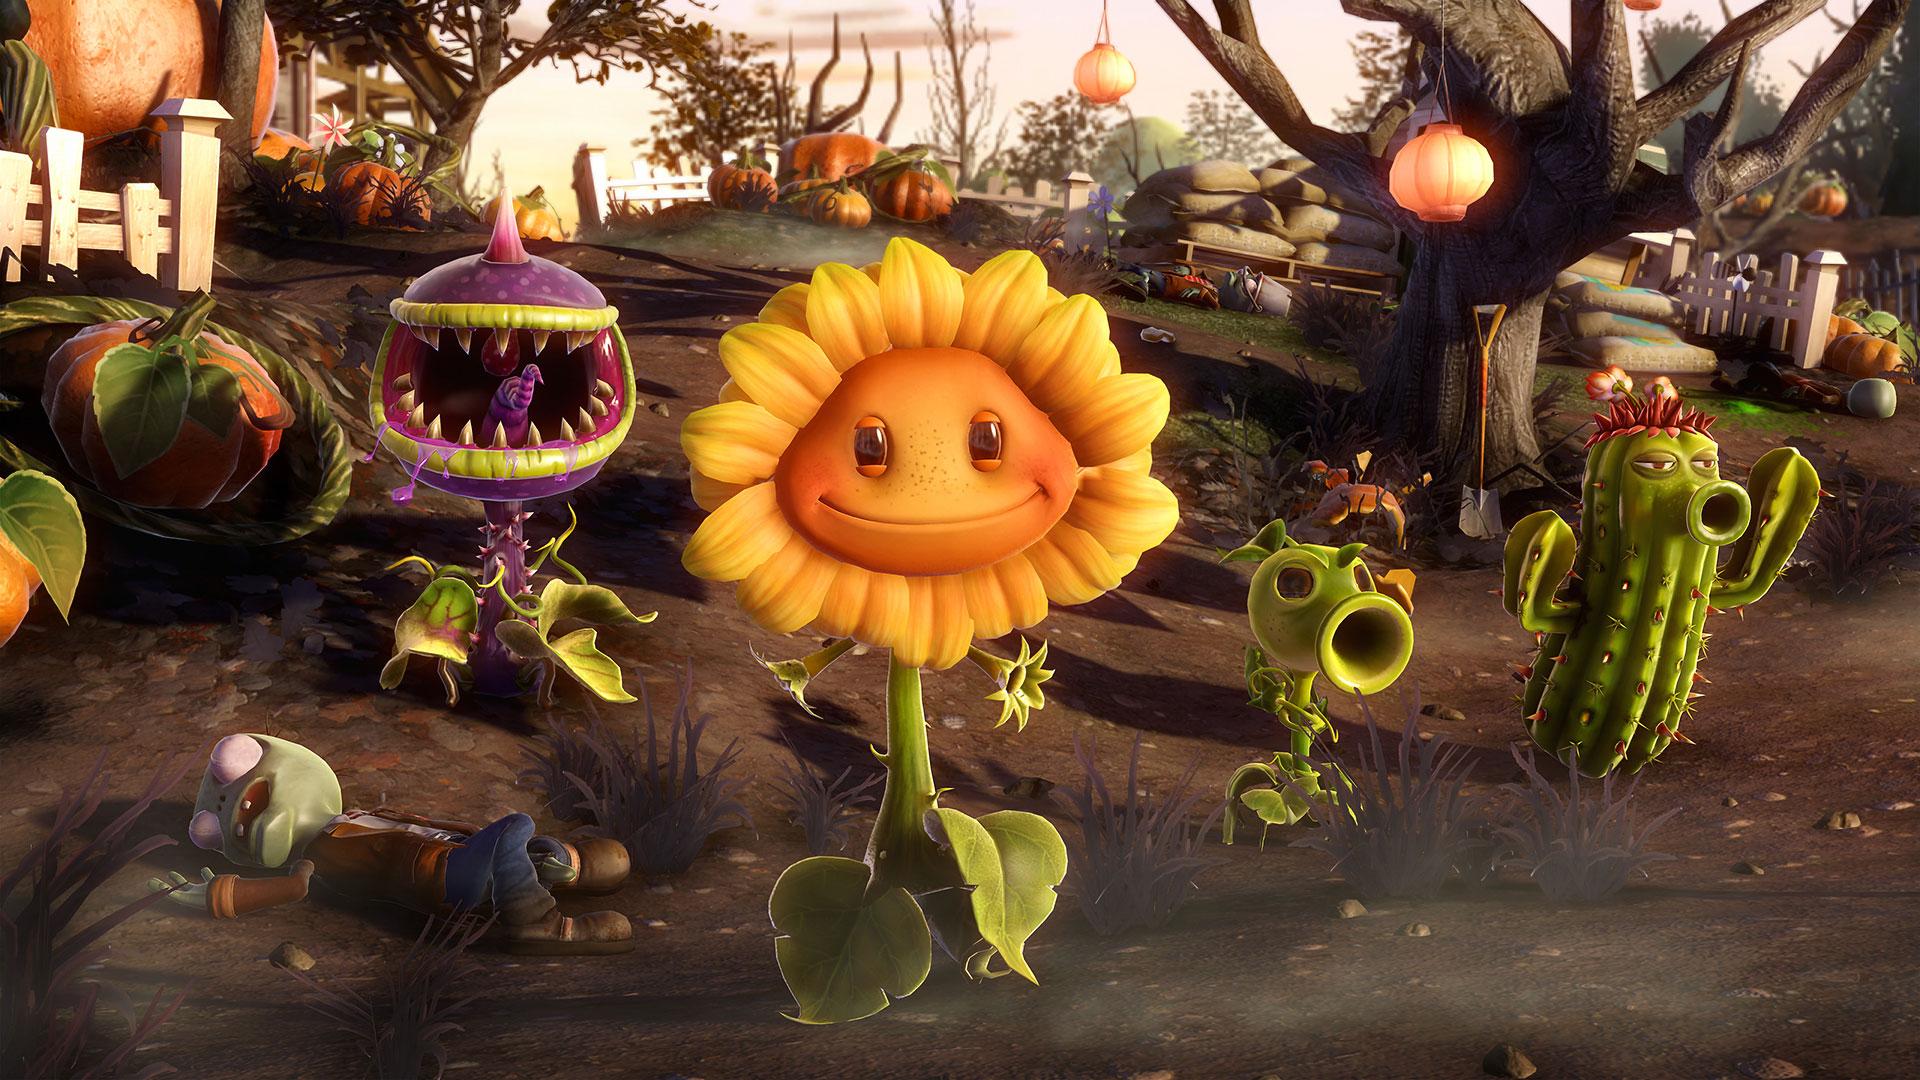 Plants-Vs-Zombies-Garden-Warfare-Plants